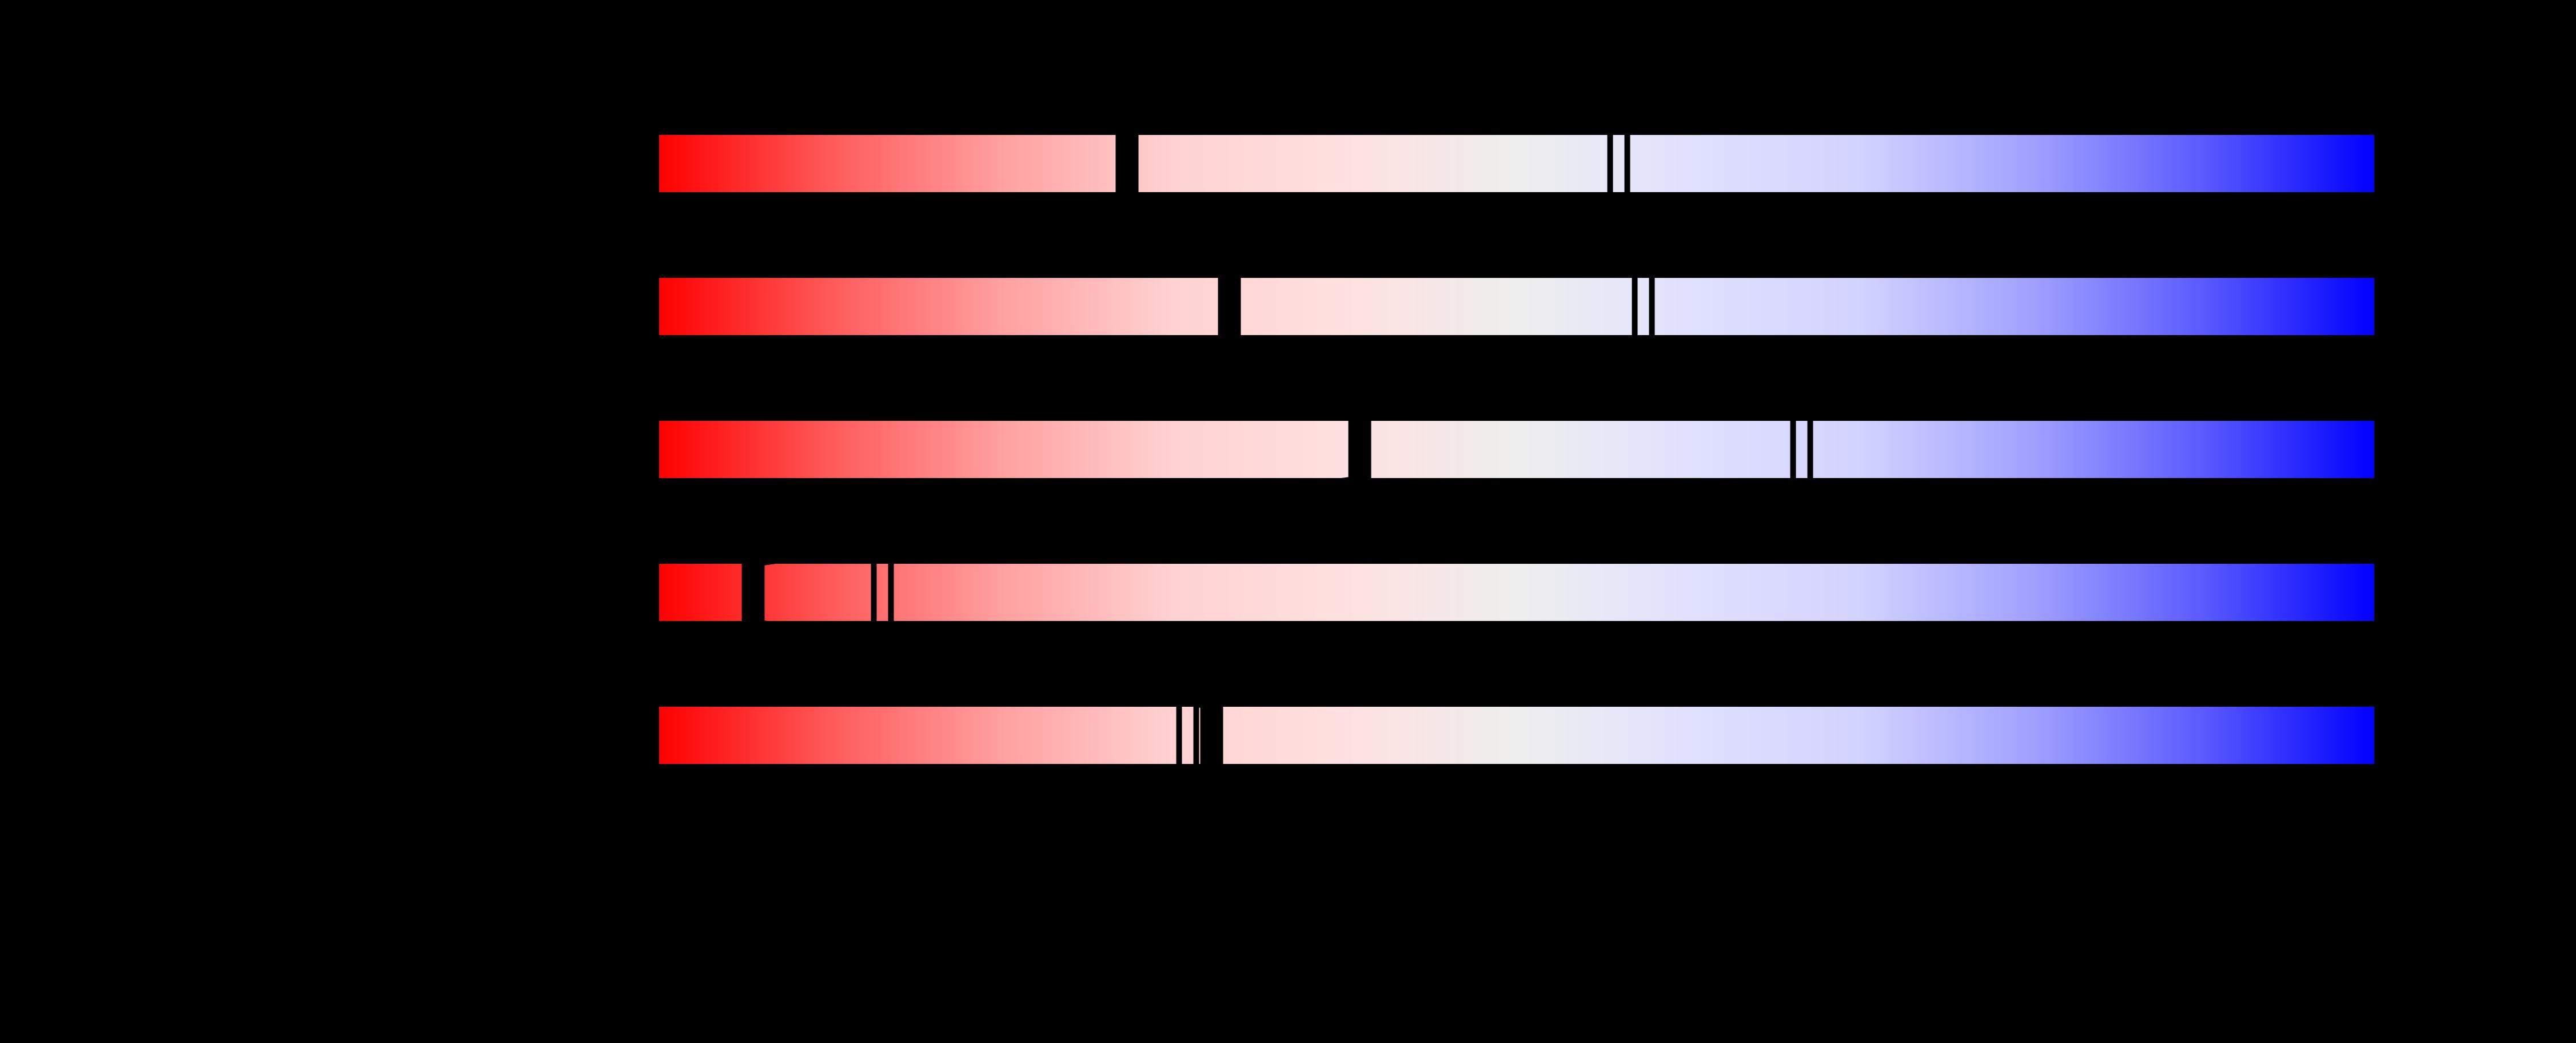 Dna Structure Diagram 3d